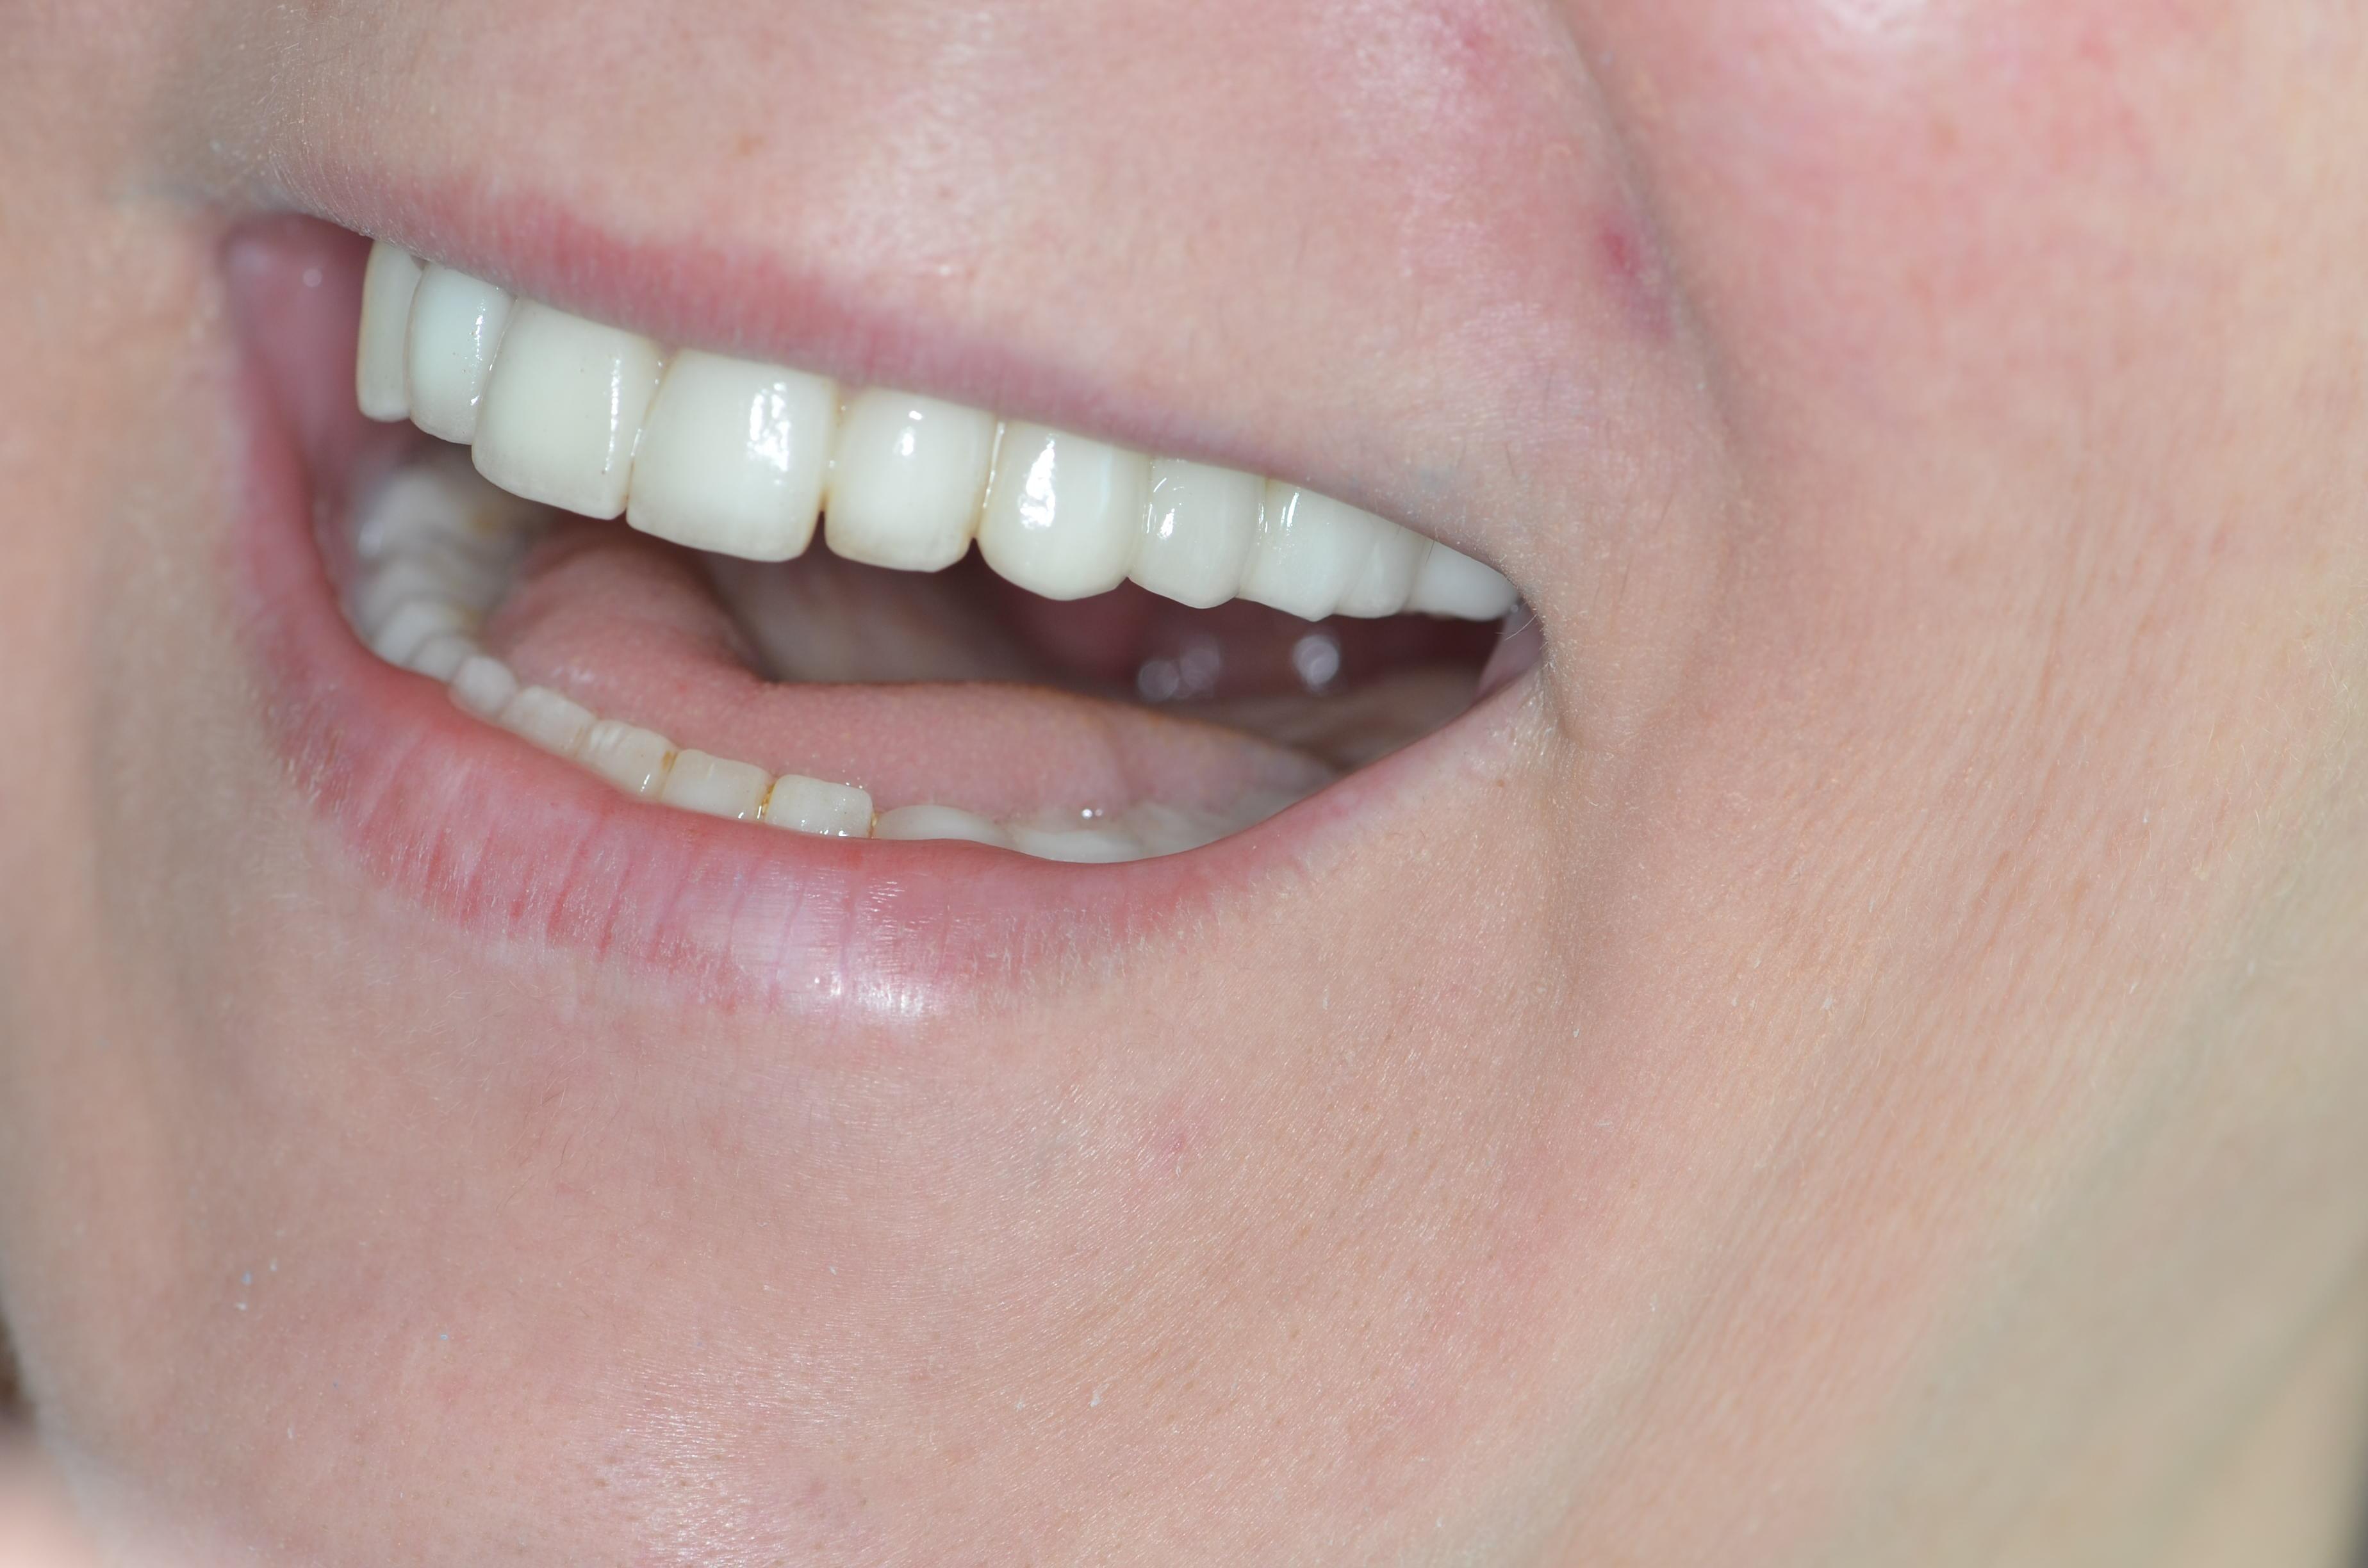 estetik zirkonyum diş örnekleri Diş Hekimi Sertaç Kızılkaya